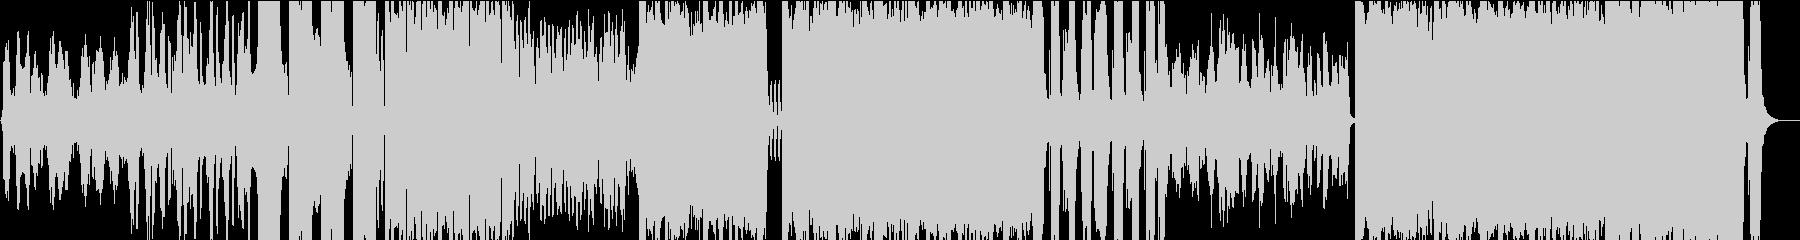 男性英語ボーカルのハウス風楽曲の未再生の波形